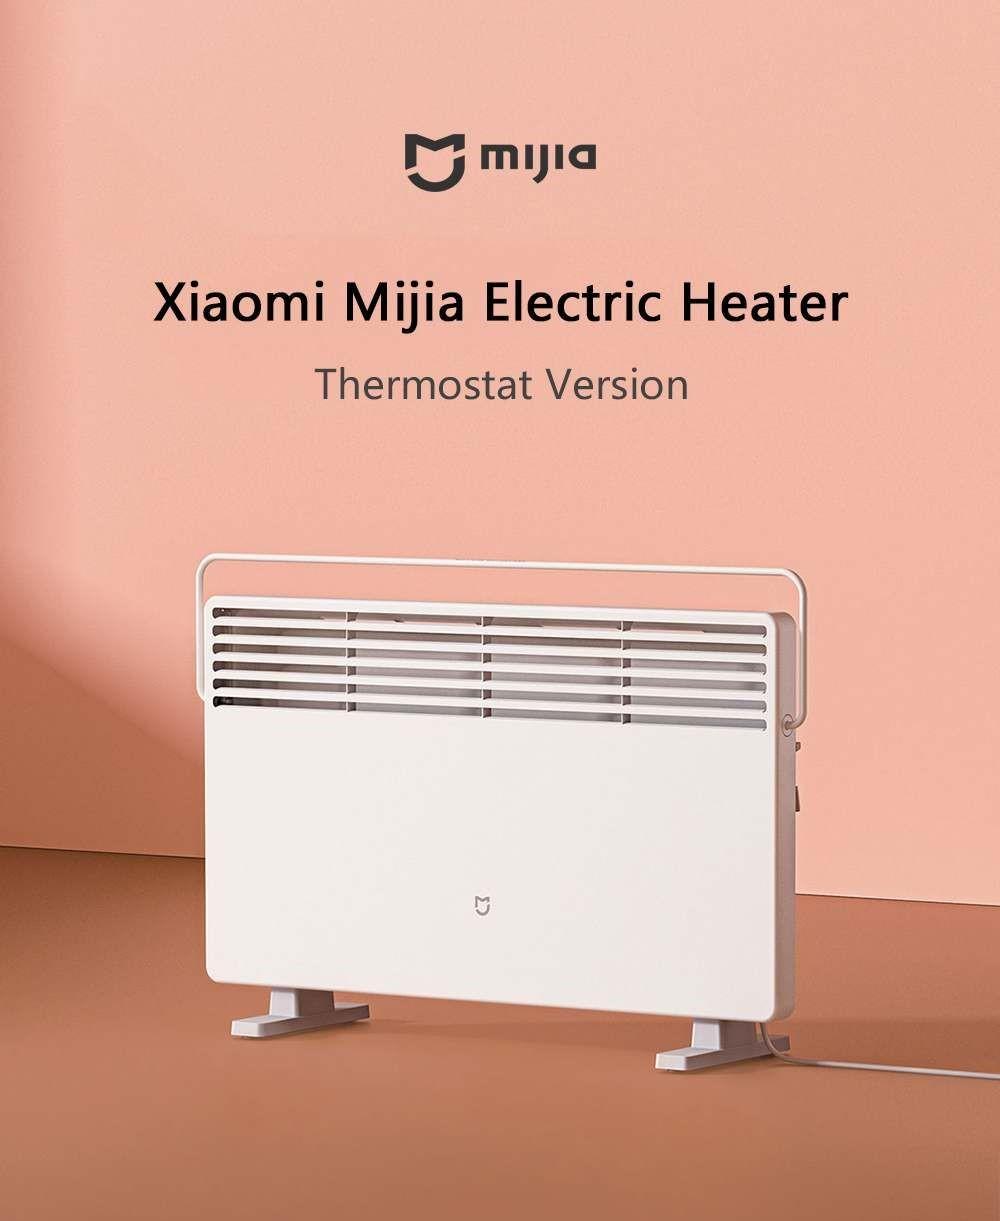 xiaomi_mijia_thermostat_version_2200w_2.jpg